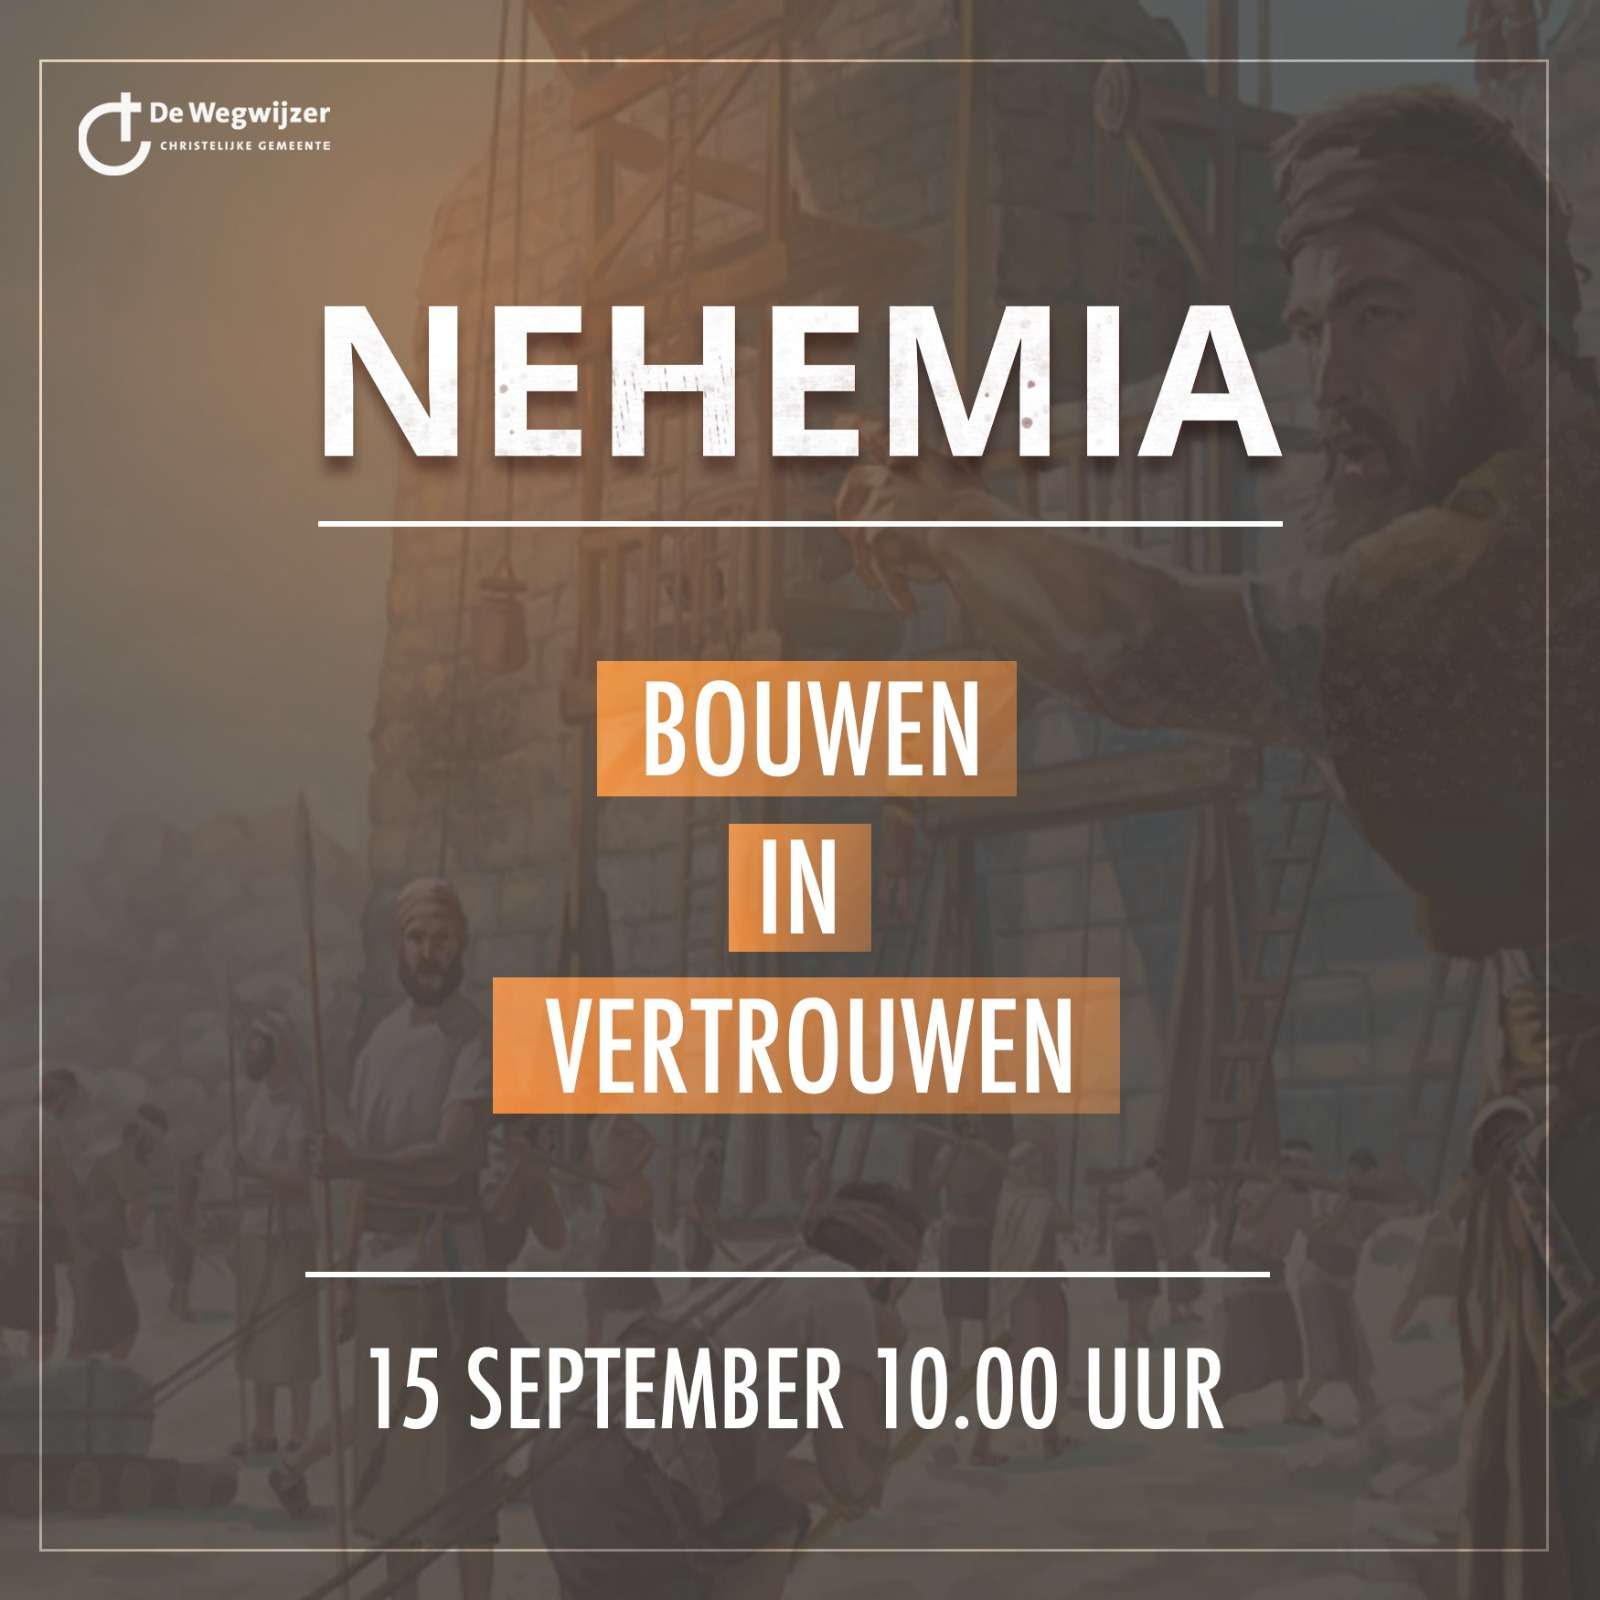 NIEUWE SERIE DIENSTEN WEGWIJZER  Op zondag 15 september start een nieuwe serie diensten in De Wegwijzer met als thema 'Bouwen in Vertrouwen'. Aan de hand van het bijbelboek Nehemia zullen we leren wat de Bijbel ons zegt over het bouwen aan Gods kerk.  Hartelijk welkom!